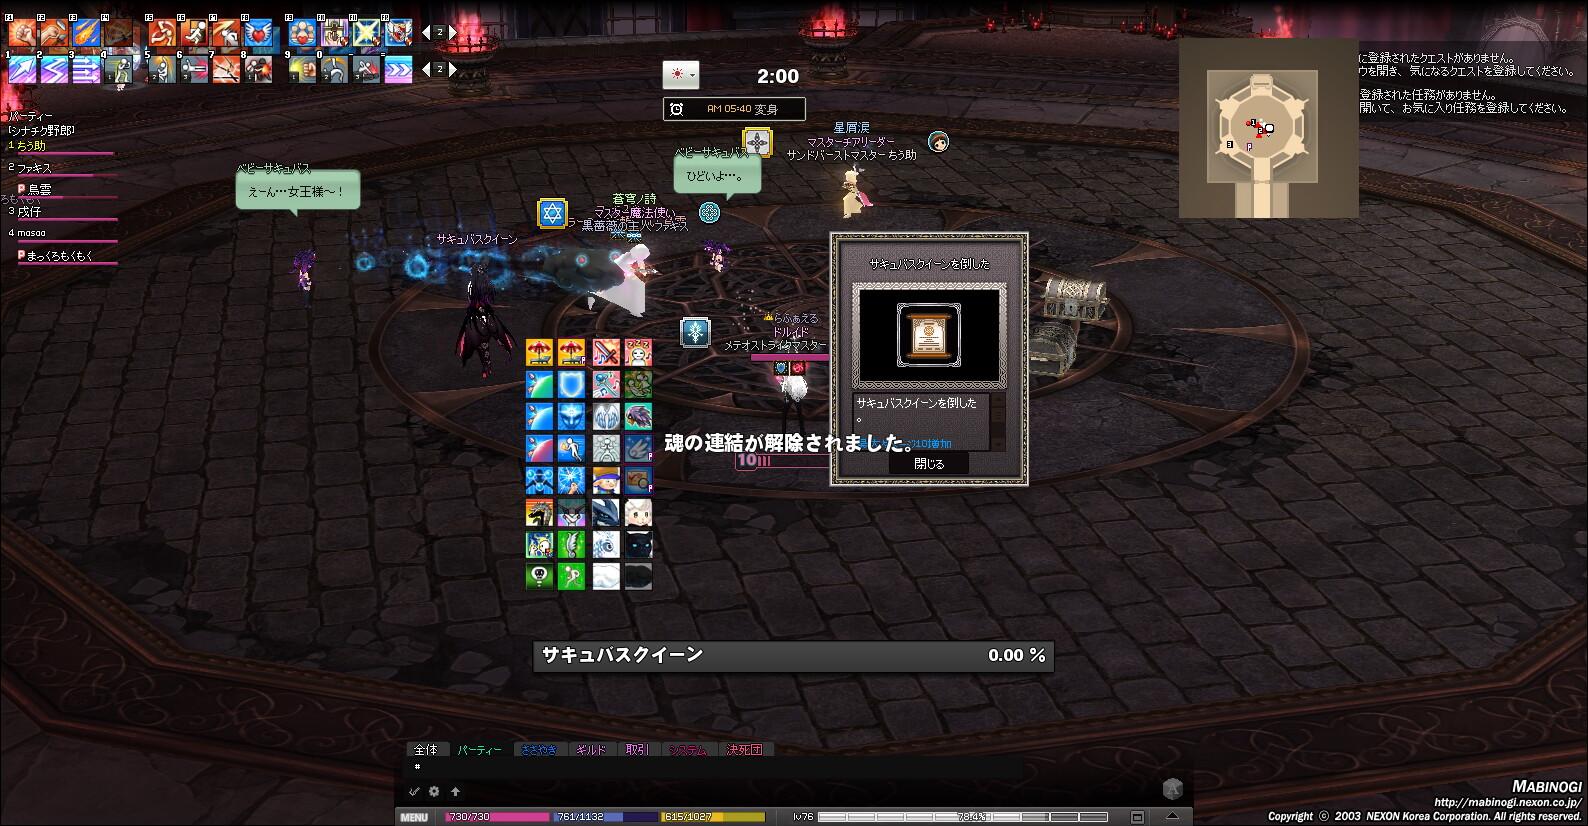 mabinogi_2016_09_02_002.jpg